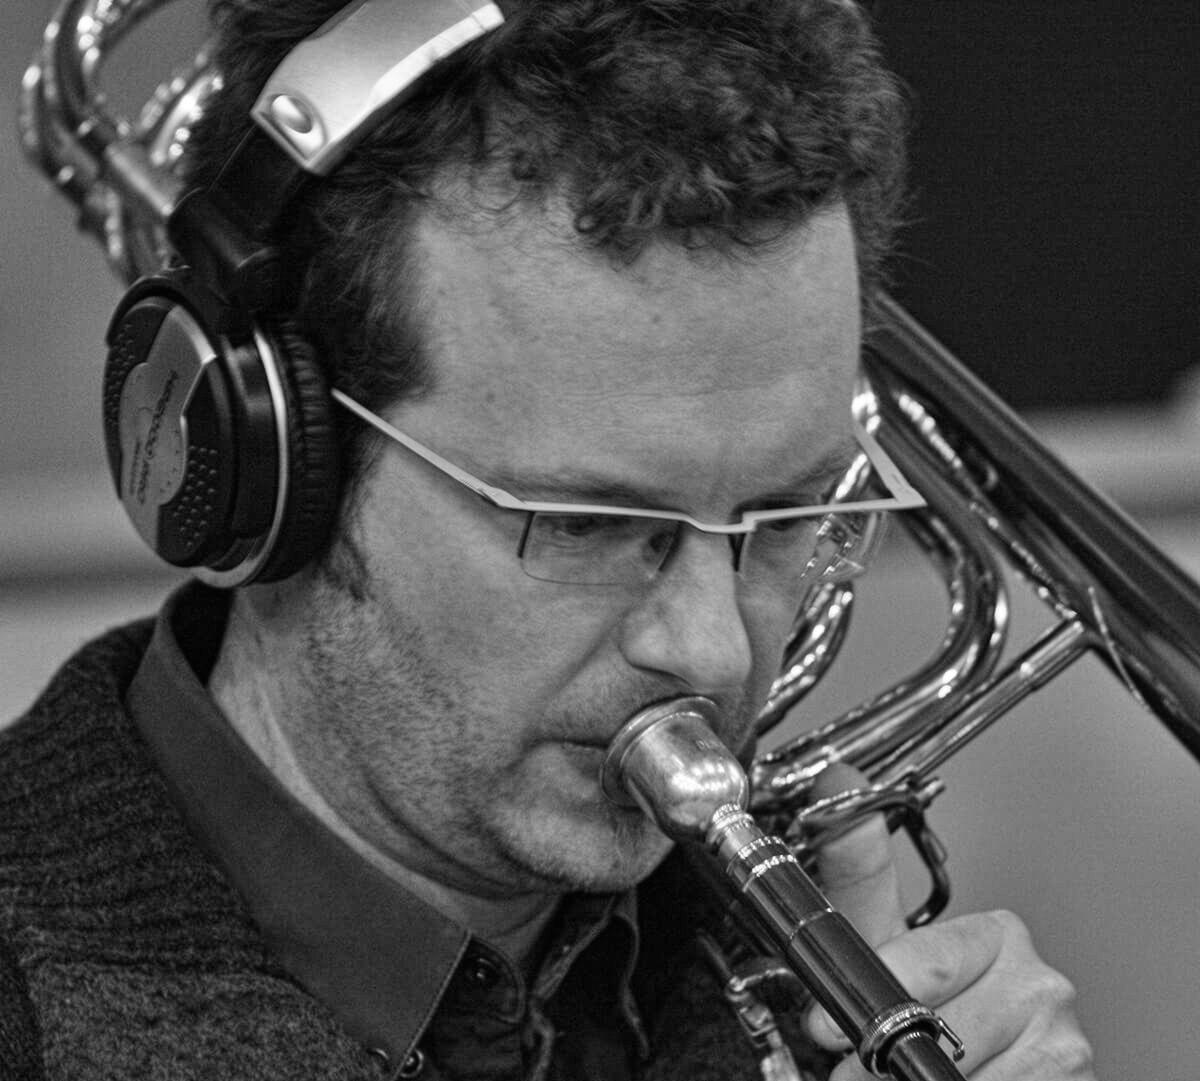 Jochen Van Laere